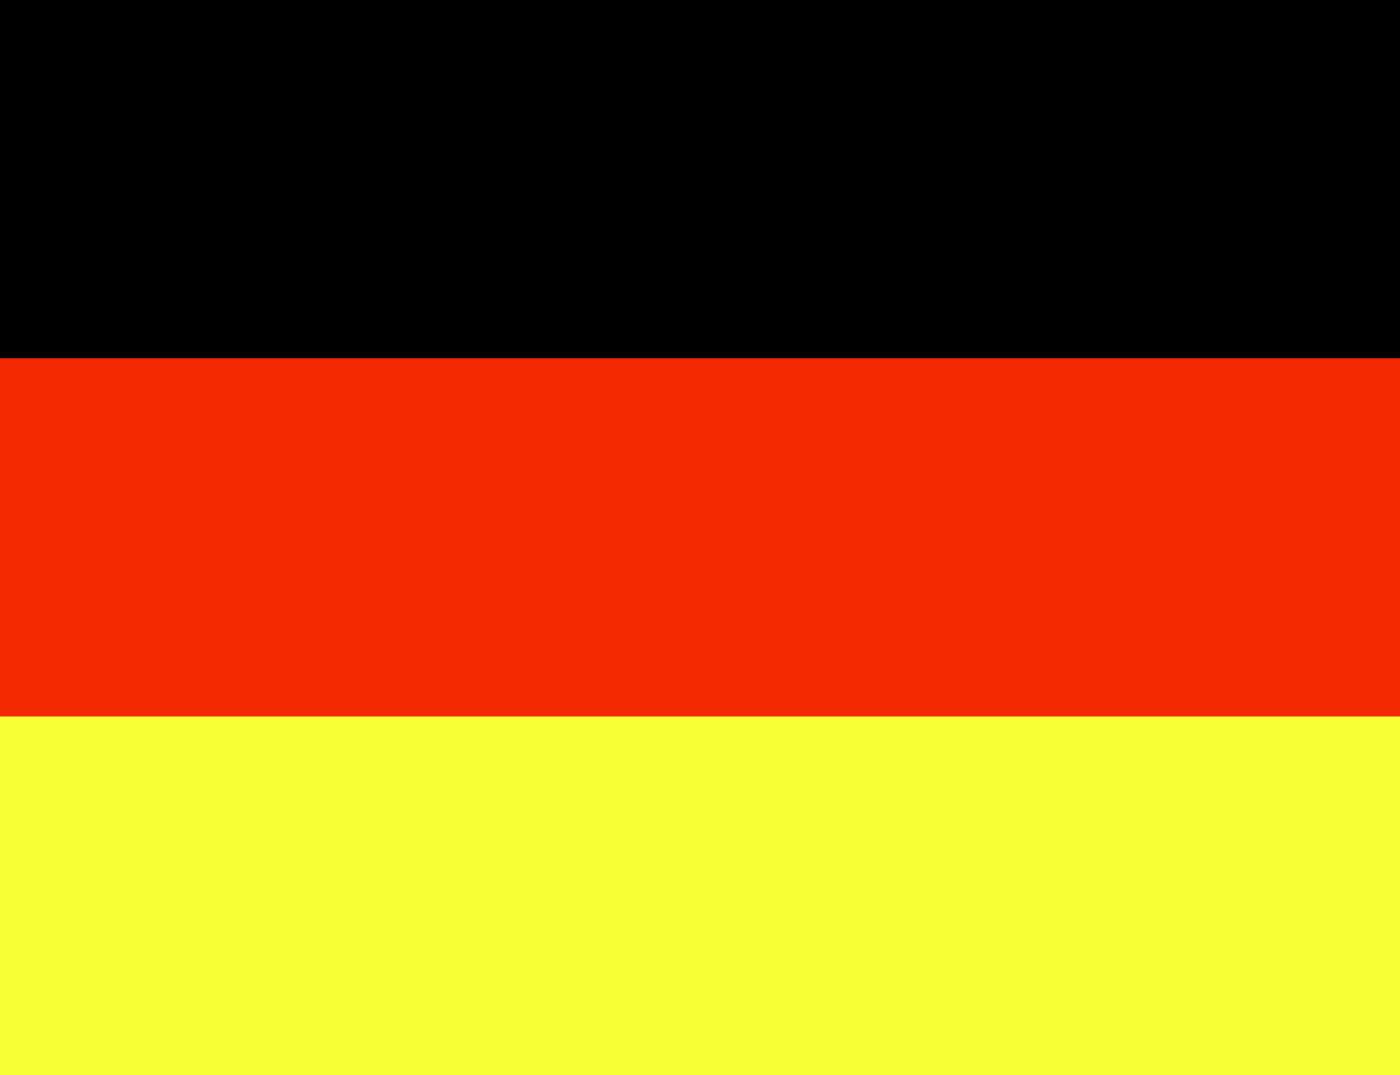 德国国旗小知识:官方规定的悬挂国旗日